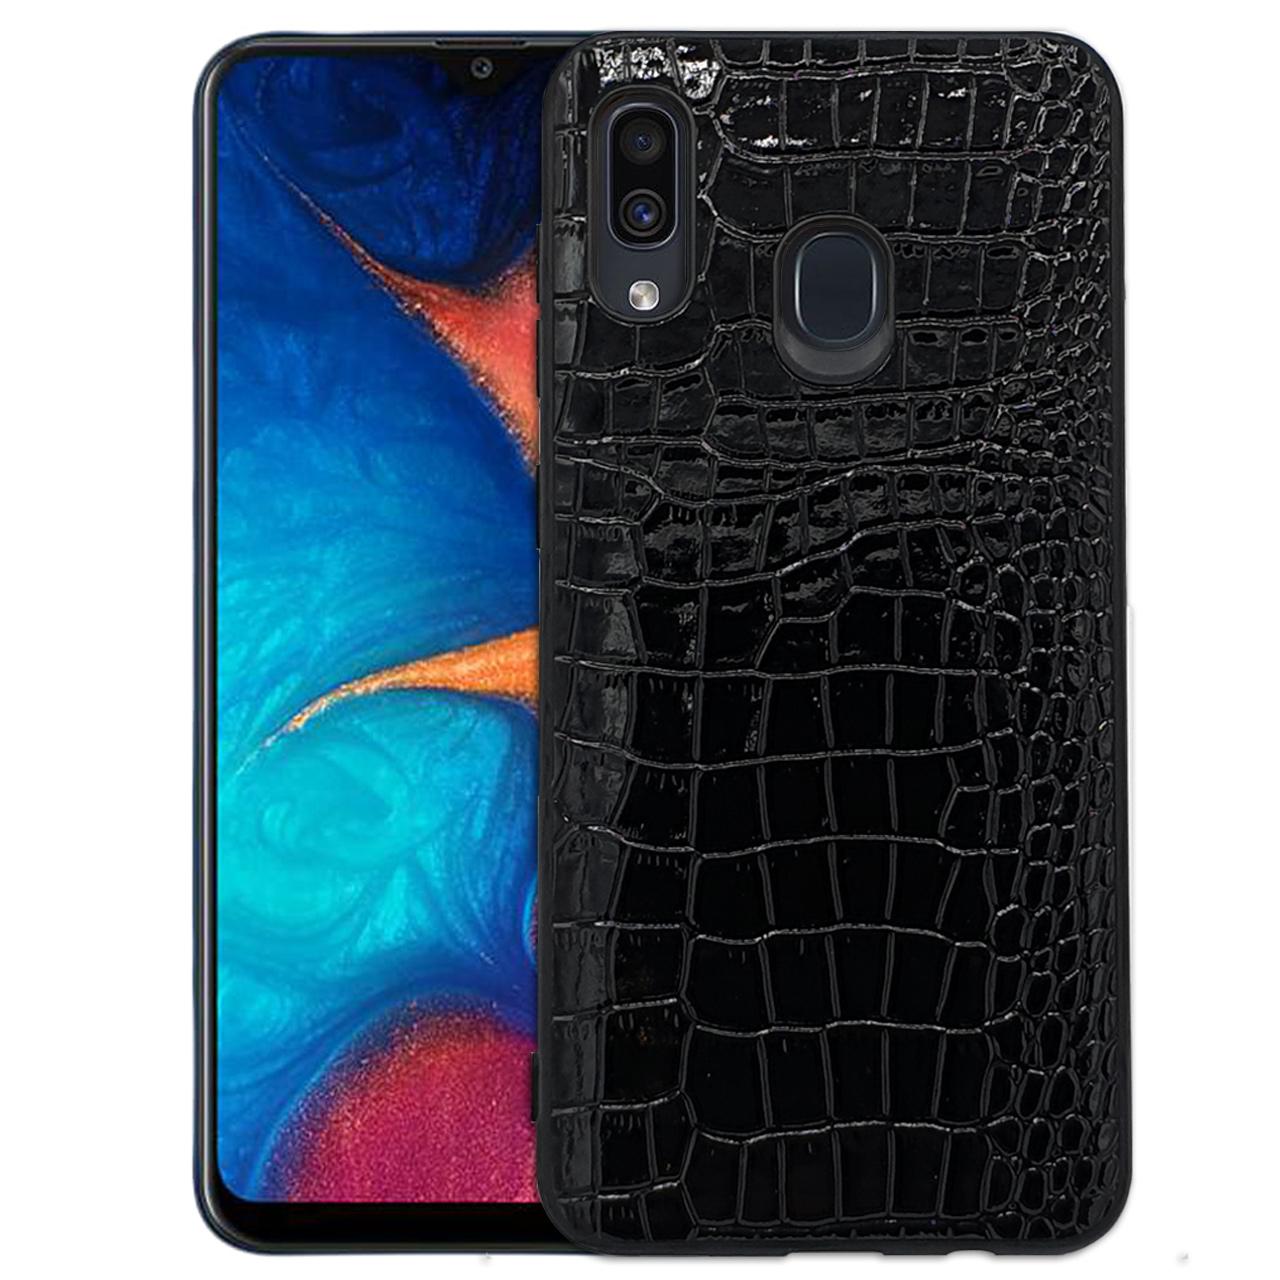 کاور مدل Q-SE01 مناسب برای گوشی موبایل سامسونگ Galaxy A20